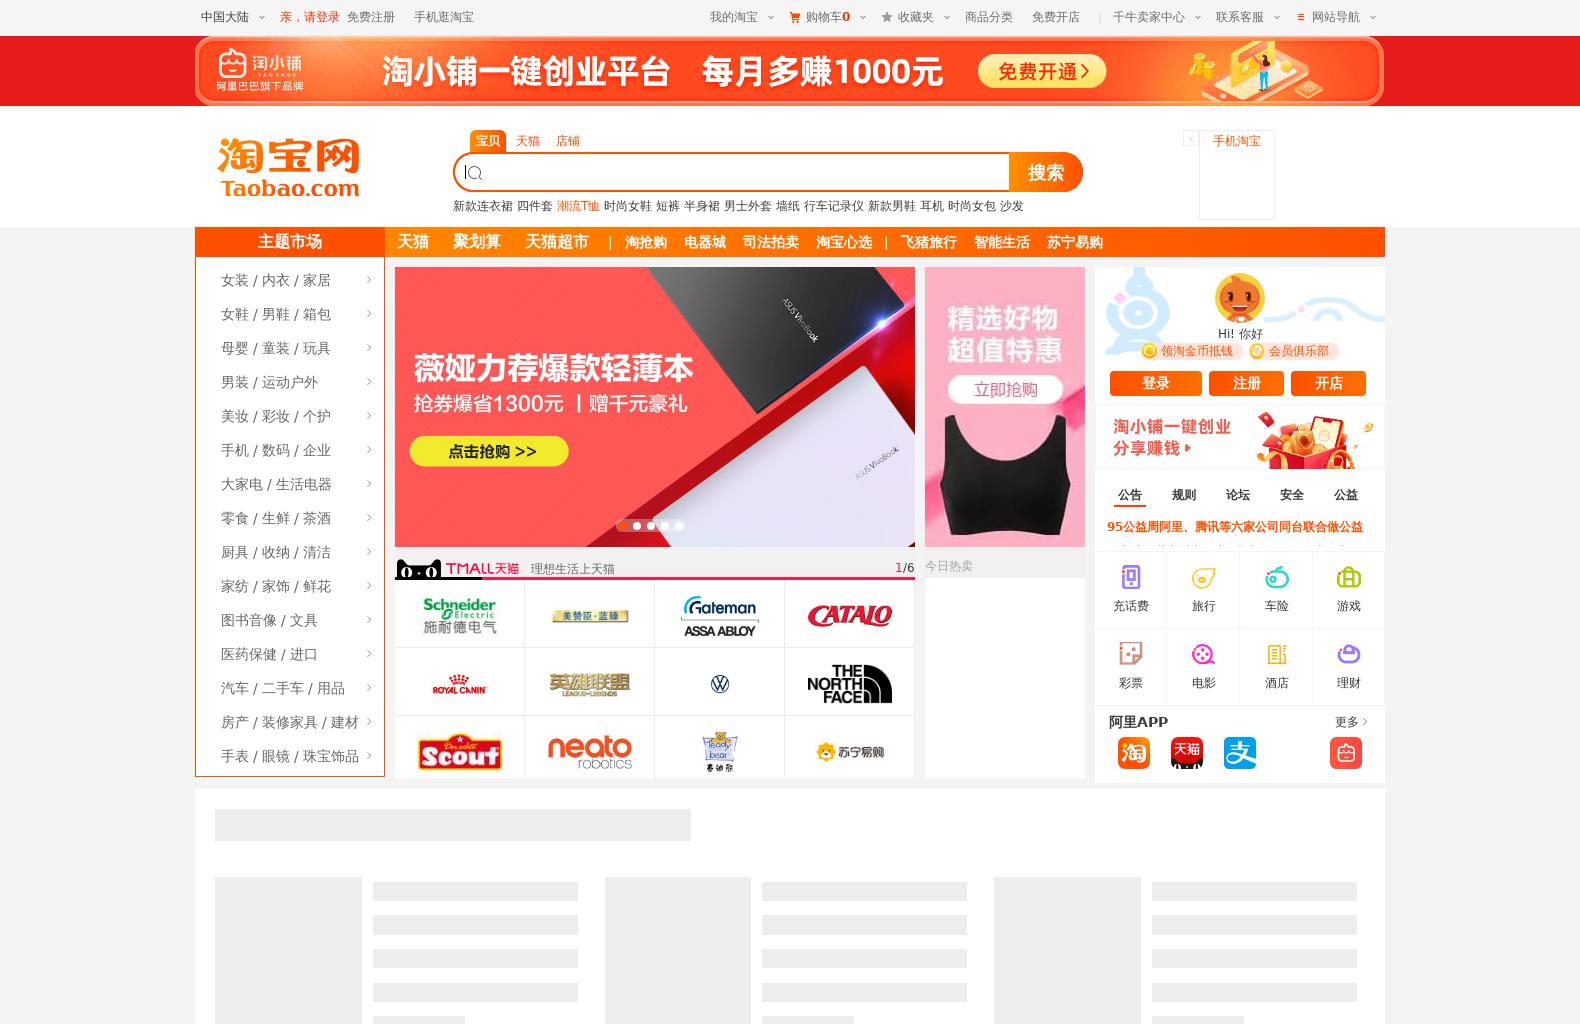 www.taobao.com的网站截图